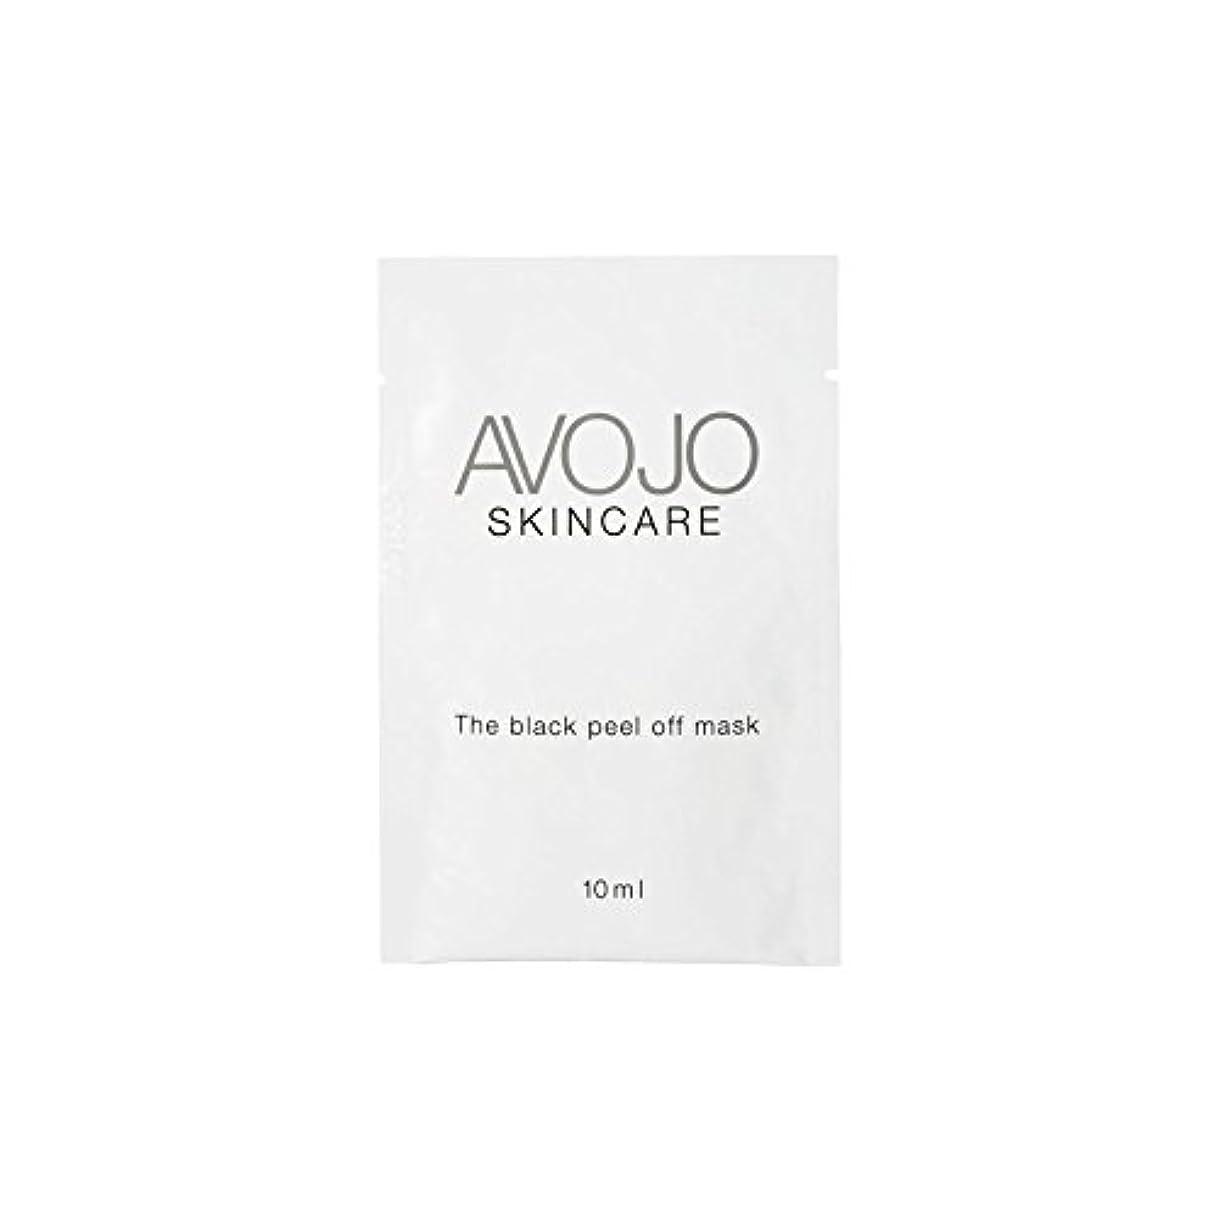 出口マスクサイトライン- ブラックピールオフマスク - 小袋(10ミリリットル×4) x4 - Avojo - The Black Peel Off Mask - Sachet (10ml X 4) (Pack of 4) [並行輸入品]